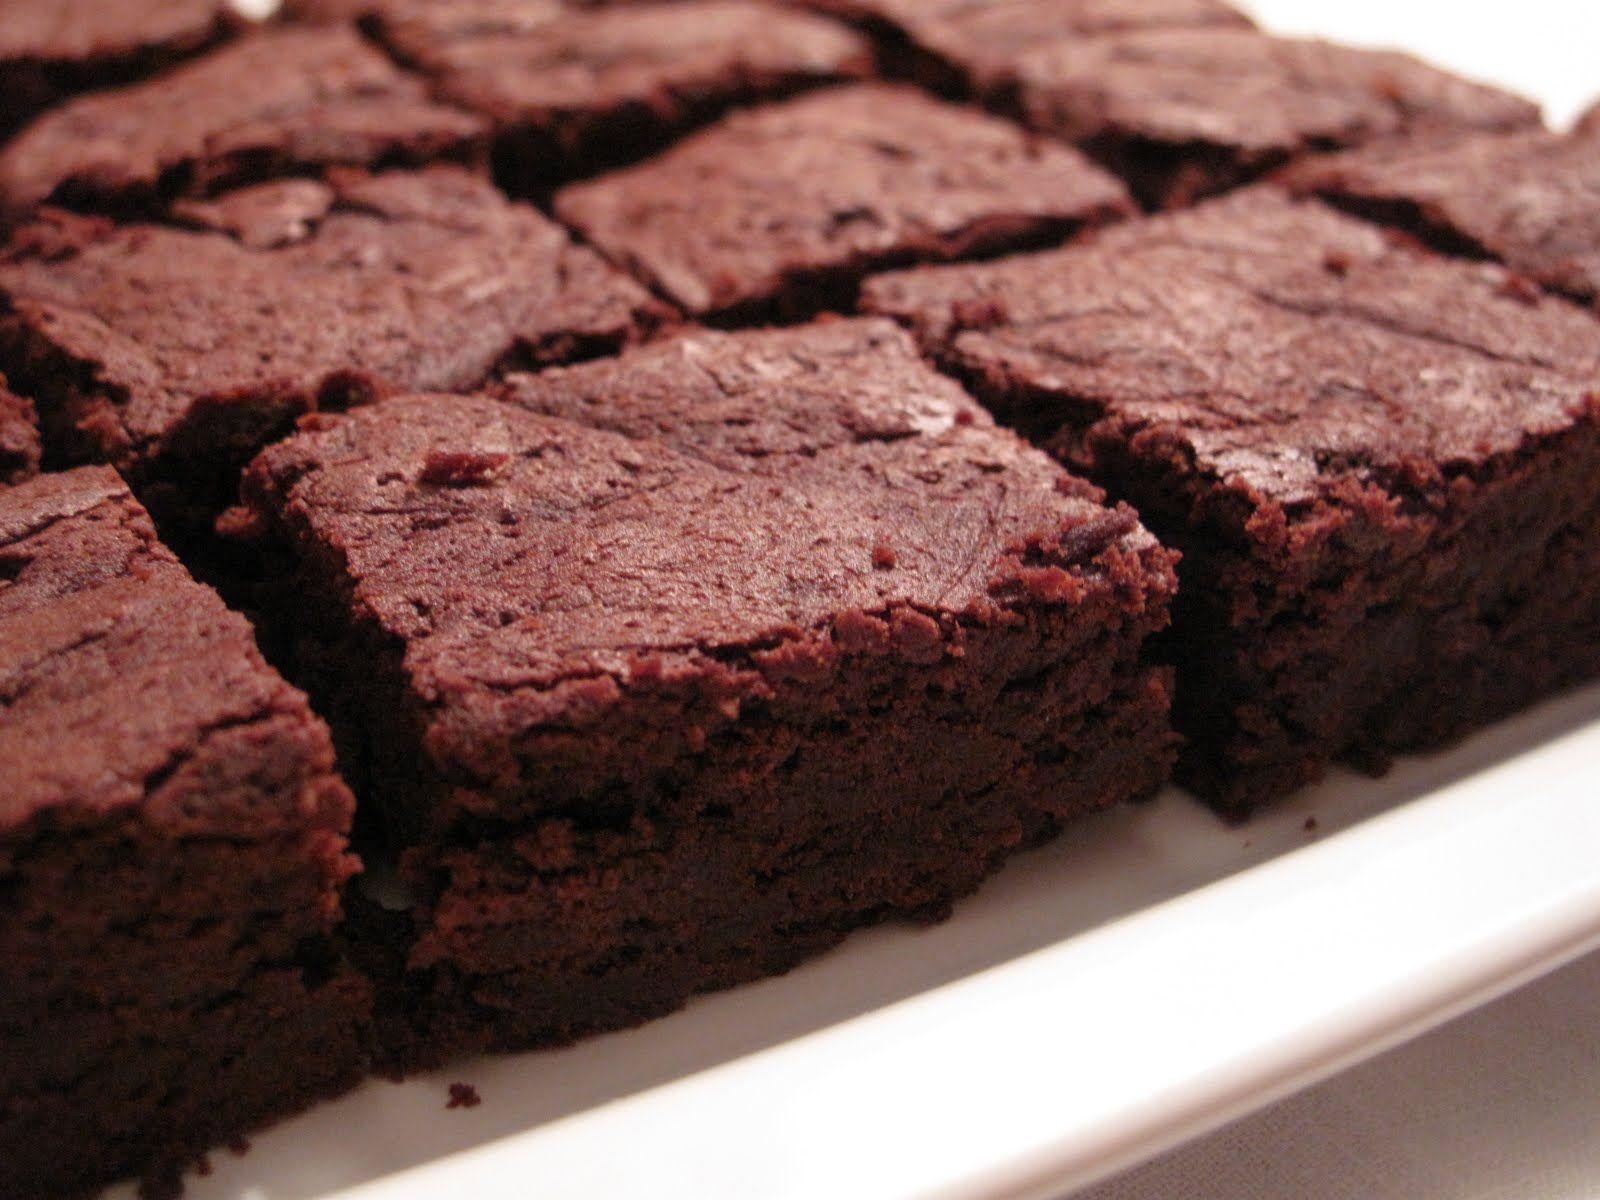 Trovare una ricetta soddisfacente per i brownies non è proprio semplice... Se ne trovano a bizzeffe su web e libri di cucina e uno non sa ma...